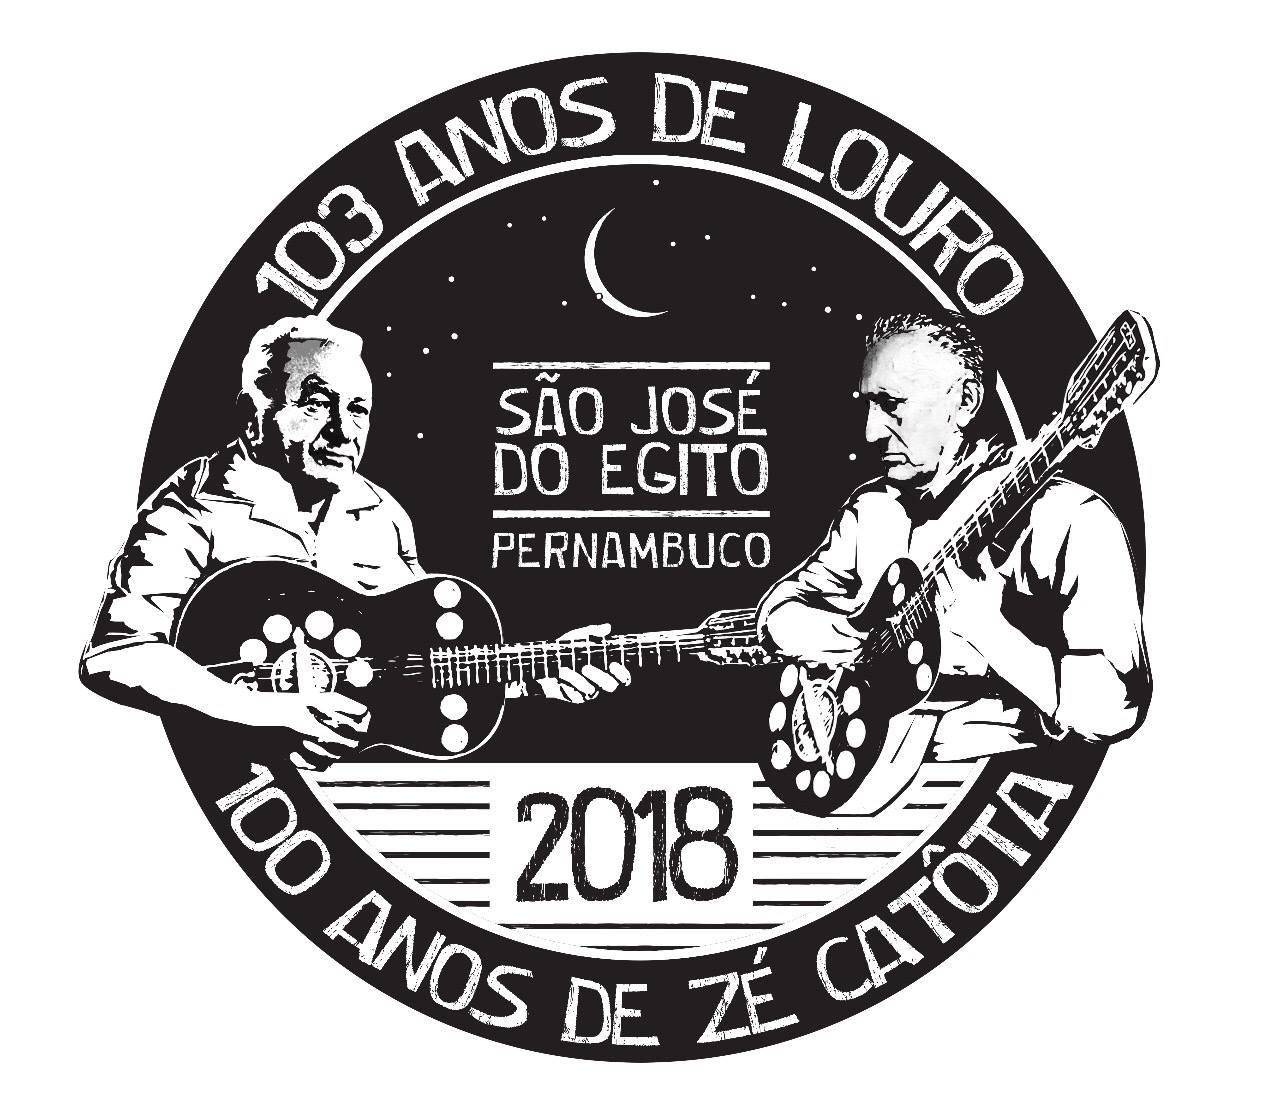 26063389_780078425513924_4463055964504627632_o Confira programação dos 103 anos de Louro e 100 anos de Zé Catôta em São José do Egito